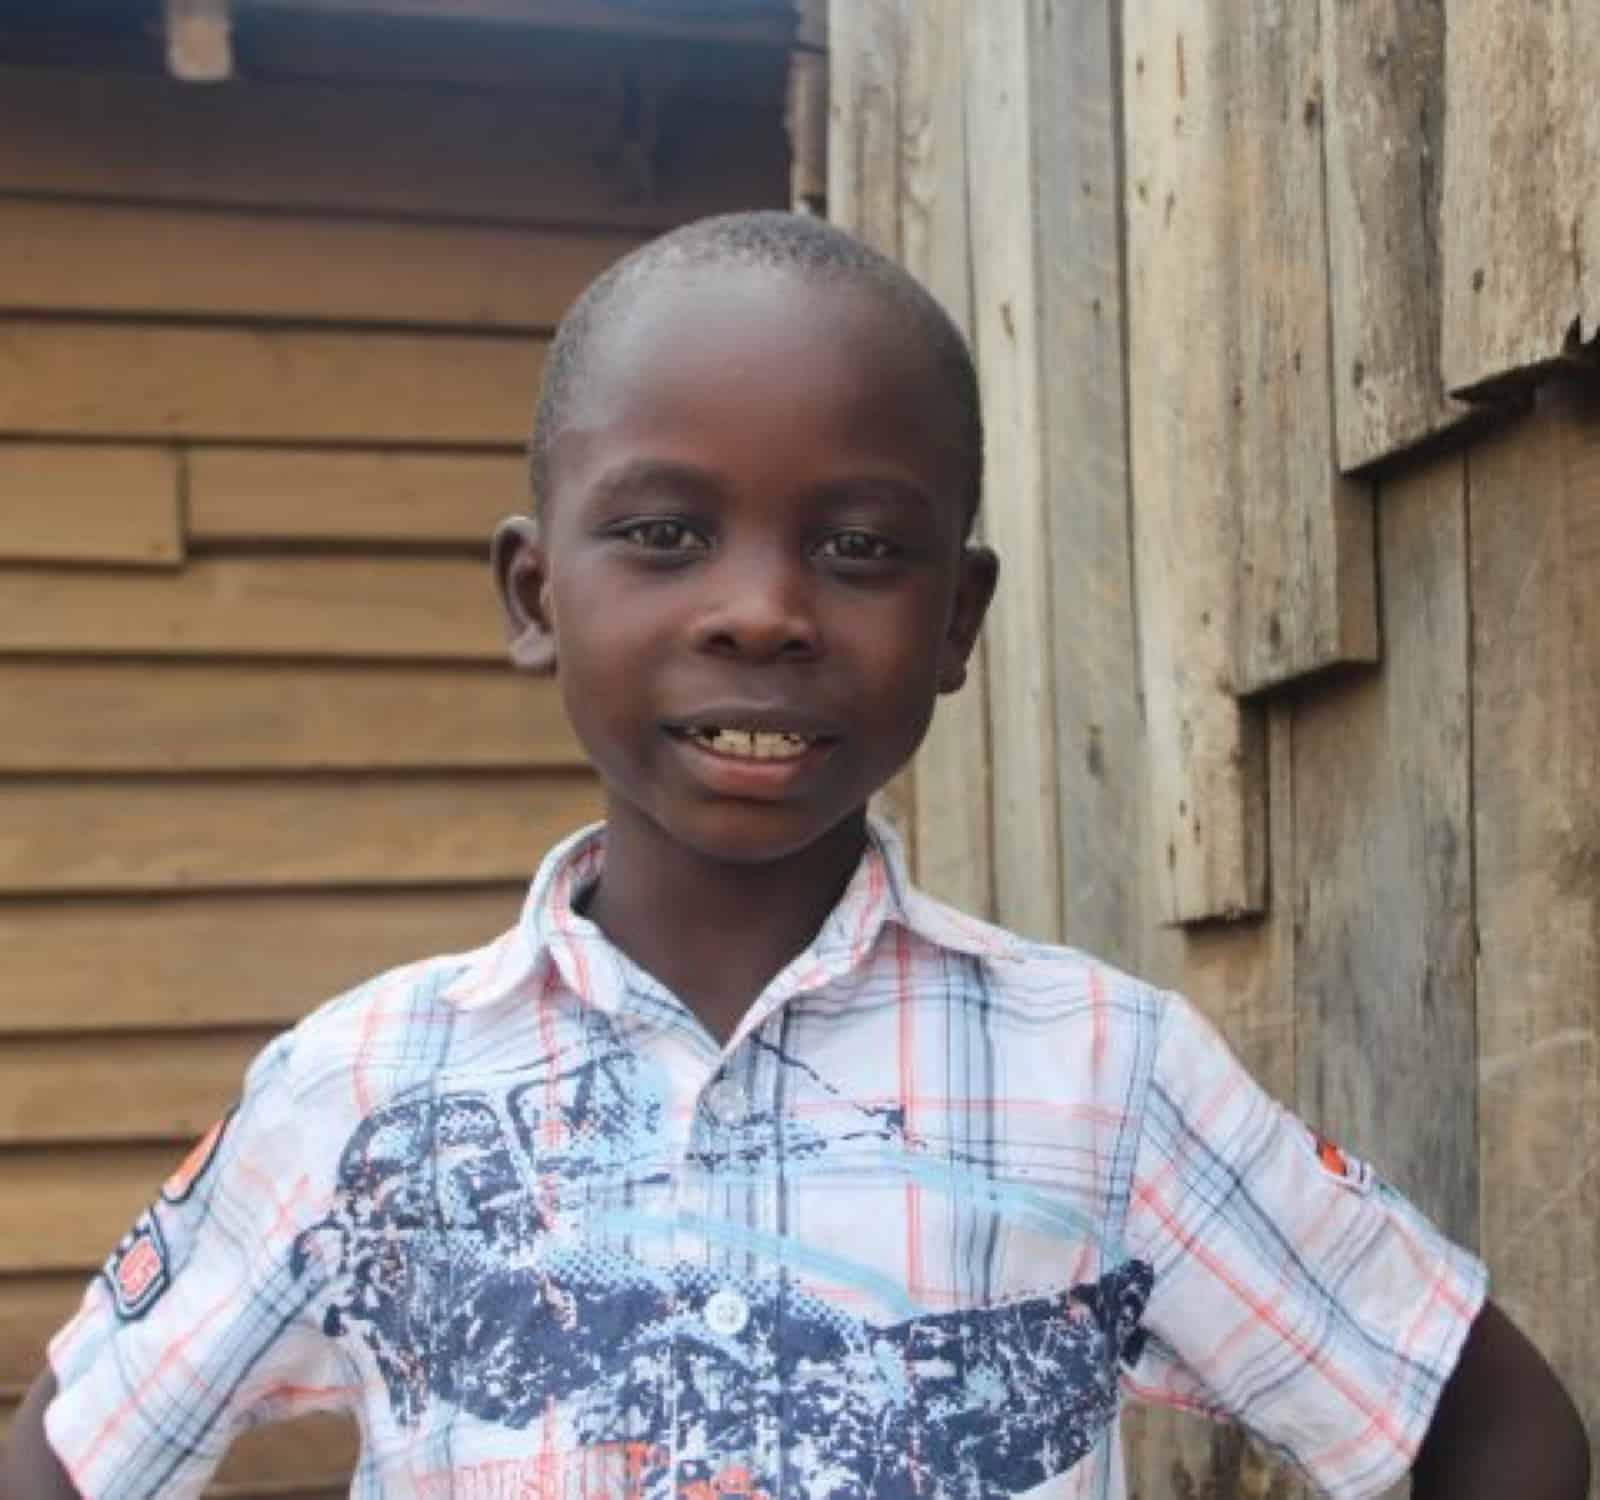 Meet Branton Odhiambo